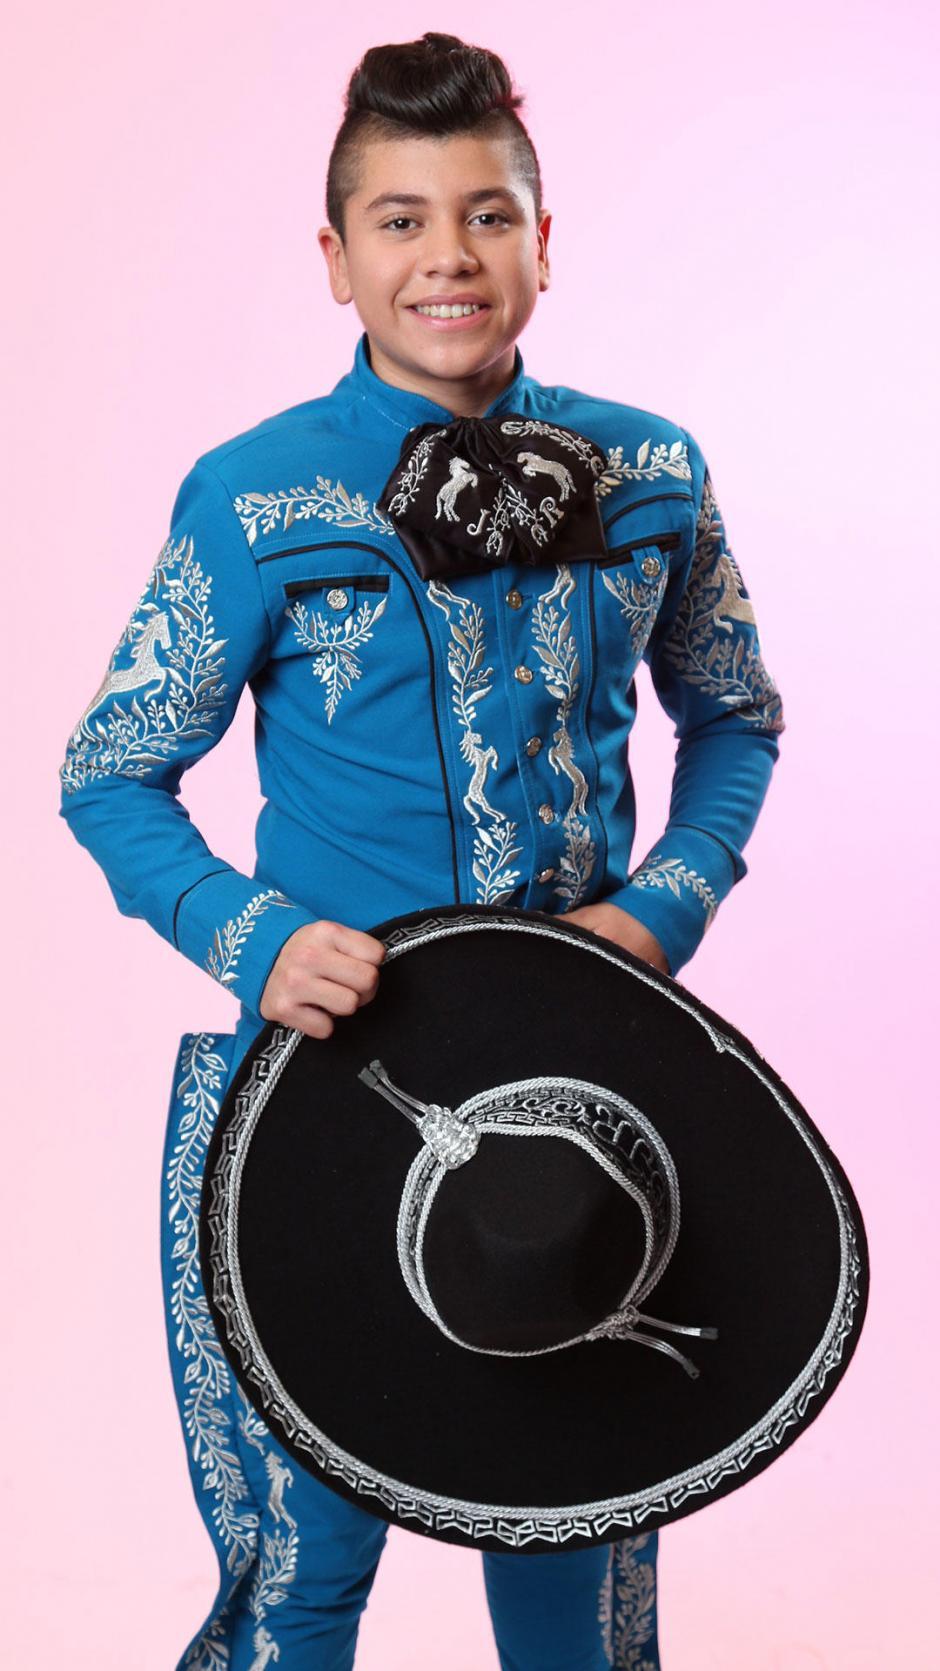 La inspiración de Joseph son Vicente y Pedro Fernández por su forma de interpretar la música mexicana. (Foto: La Voz Kids Telemundo)